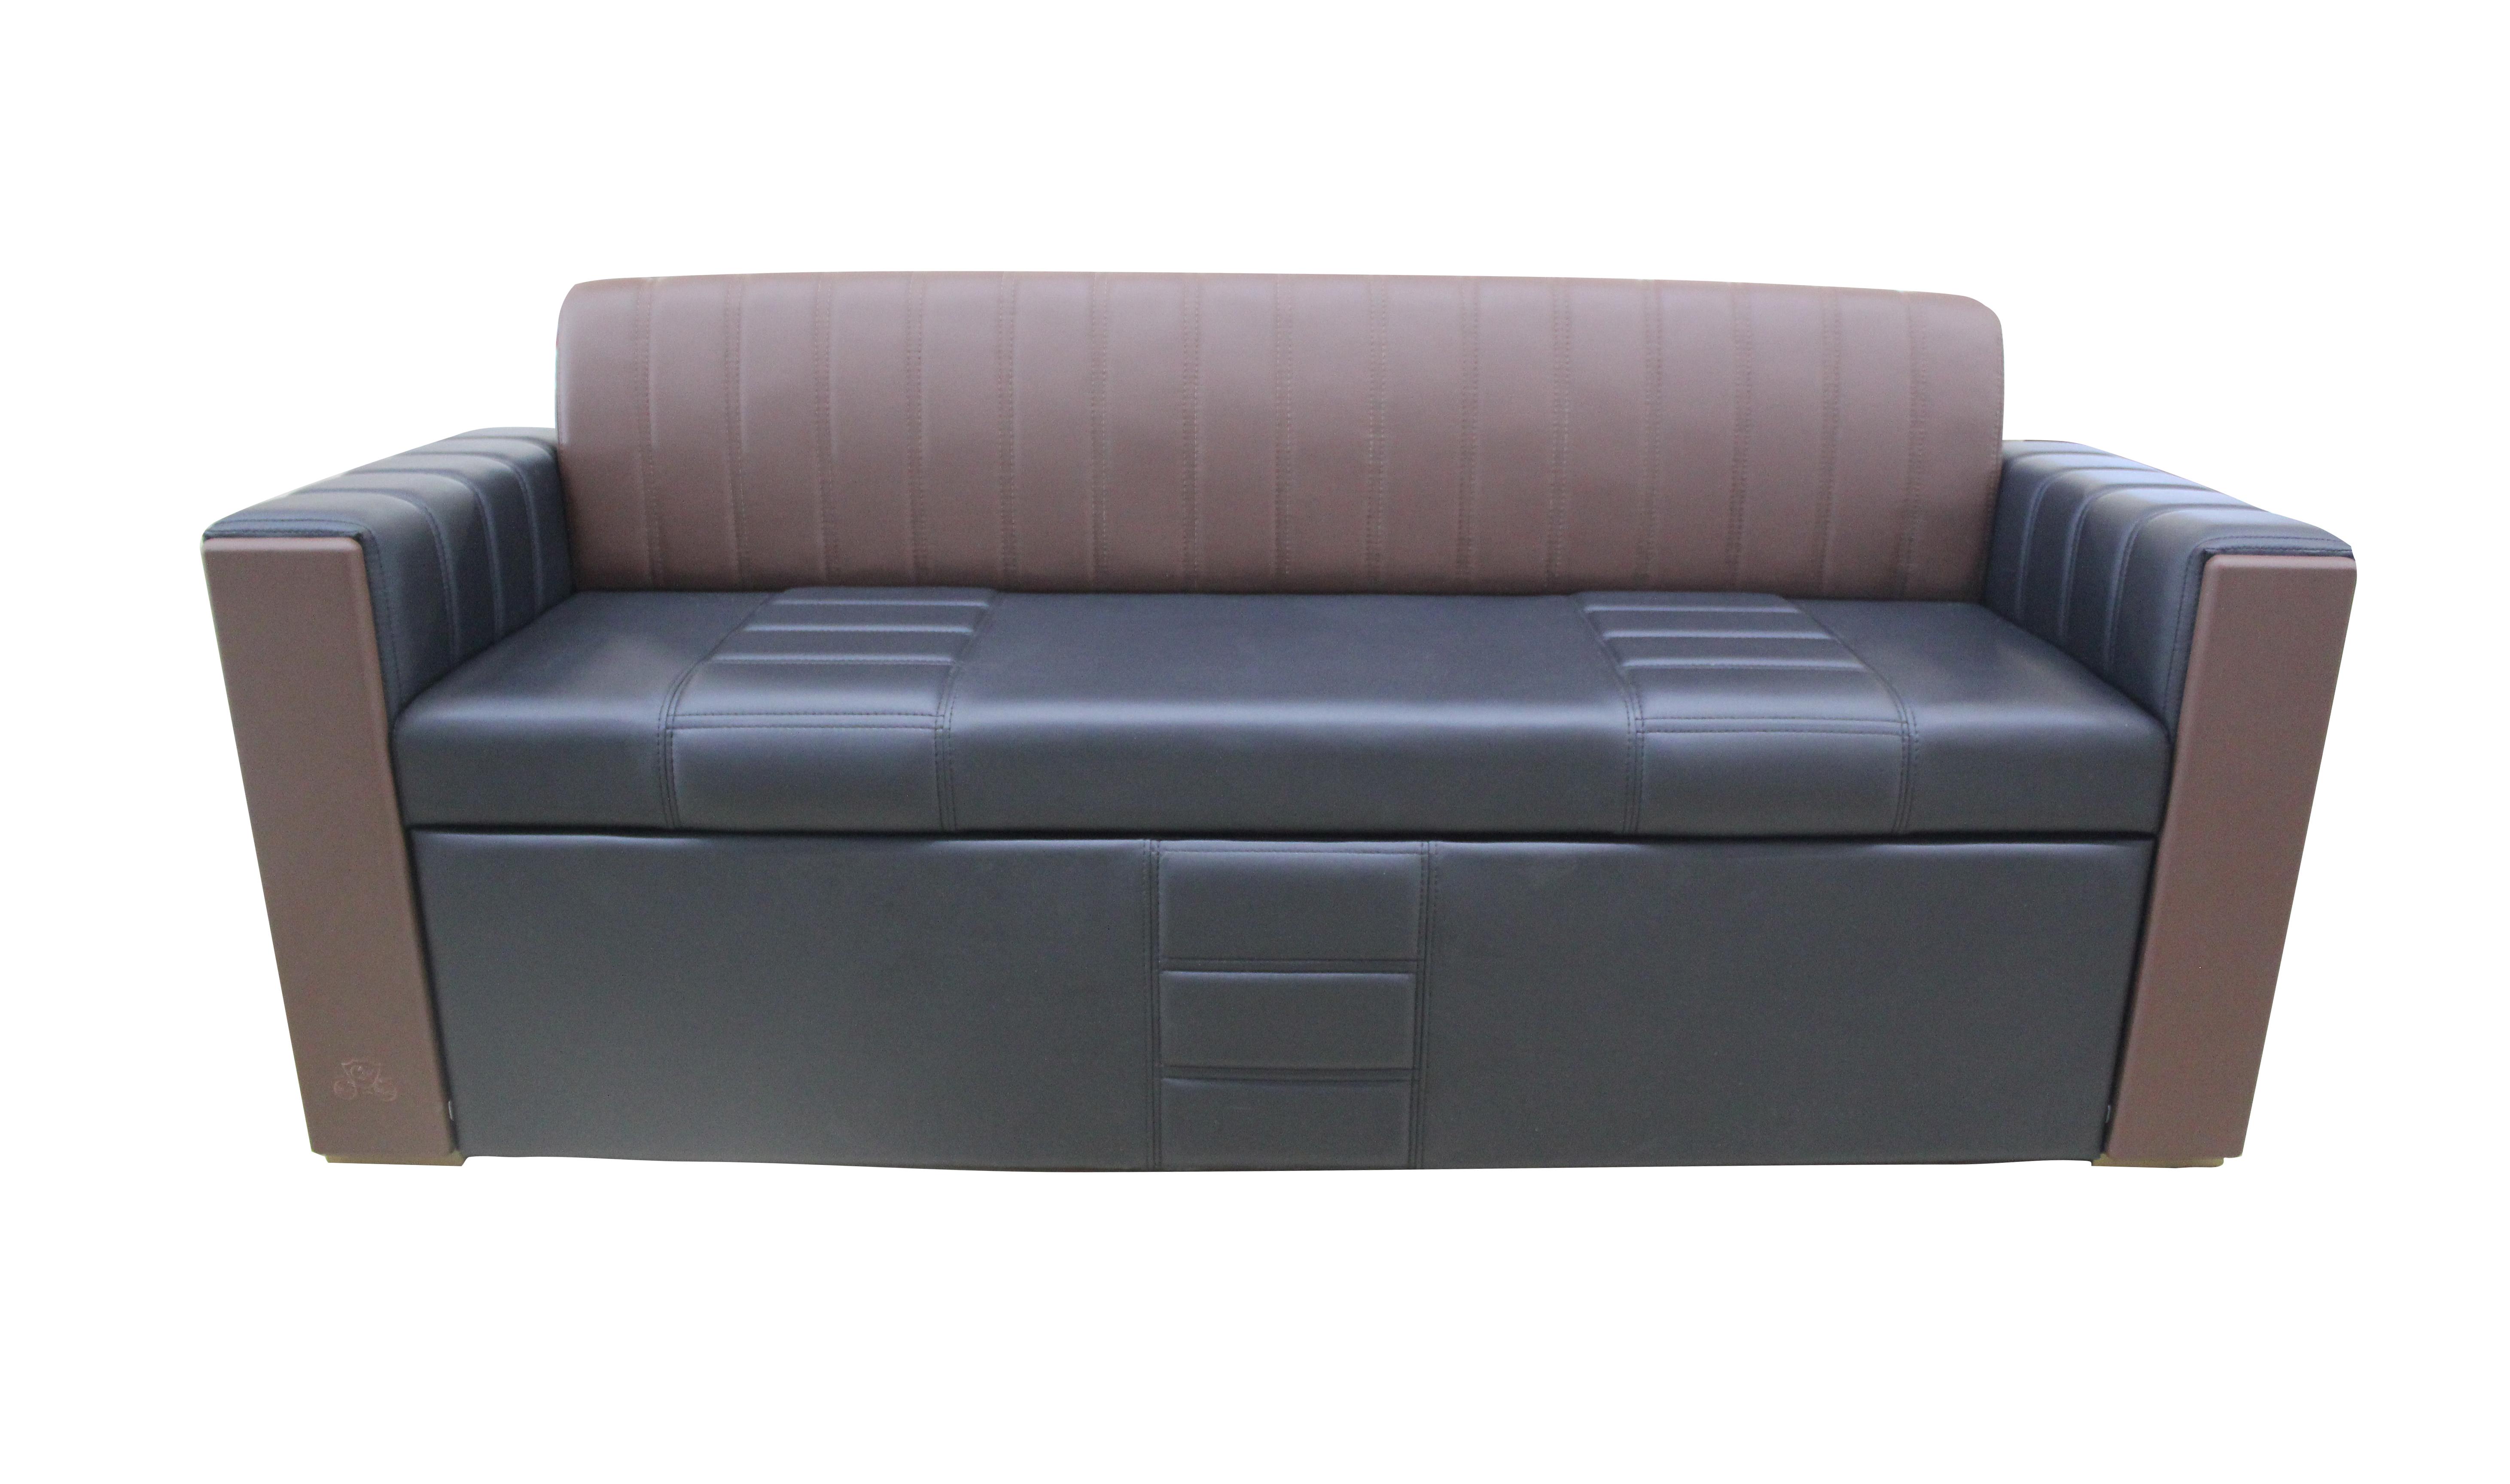 Кухонный диван Бостон - Galaxy